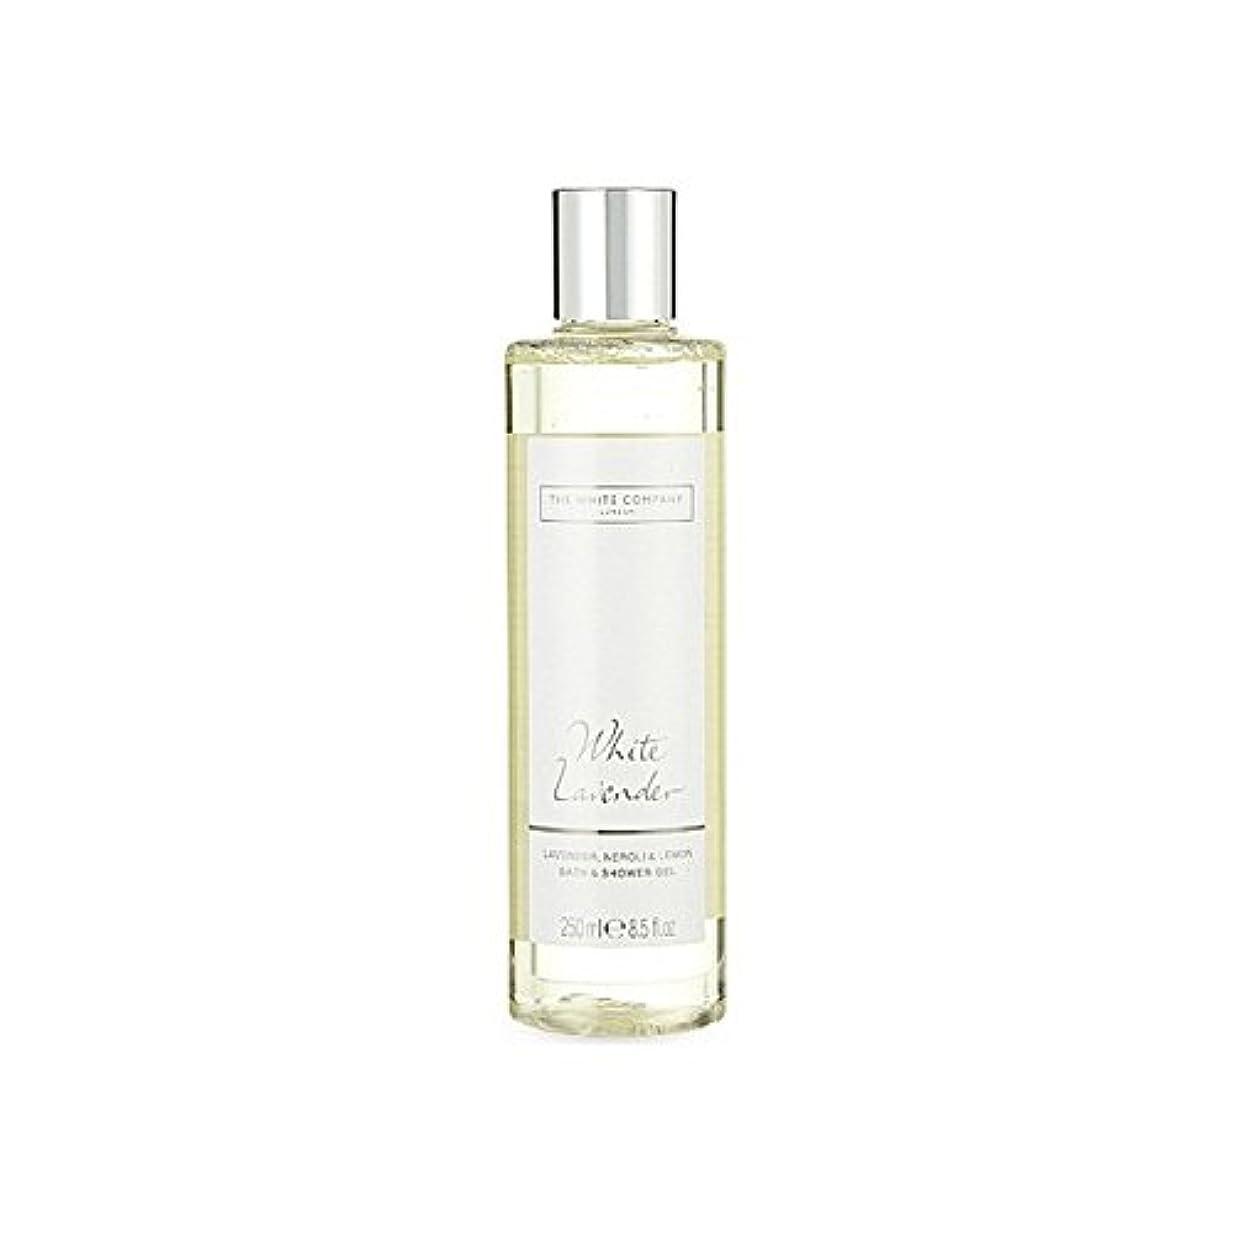 シャー食料品店電球白同社白ラベンダーのバス&シャワージェル x2 - The White Company White Lavender Bath & Shower Gel (Pack of 2) [並行輸入品]